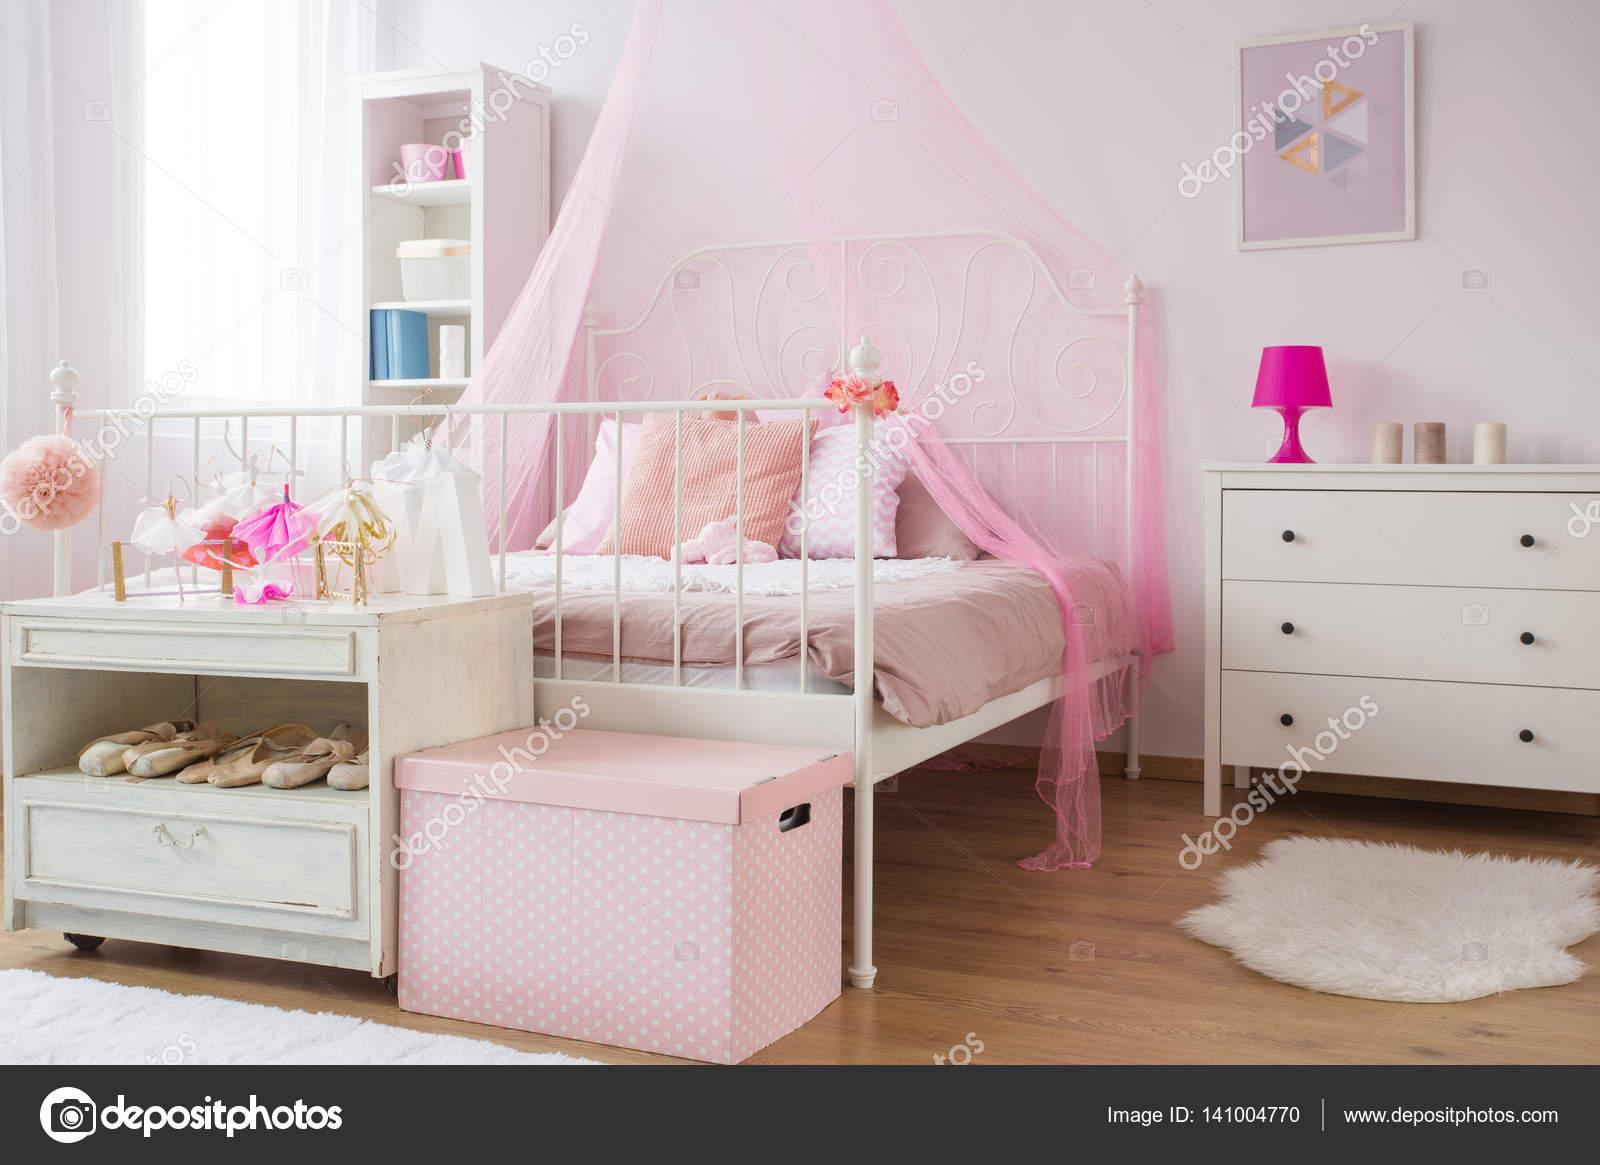 Rosa Und Weiße Prinzessin Schlafzimmer Mit Bett Und Kommode U2014 Foto Von  Photographee.eu